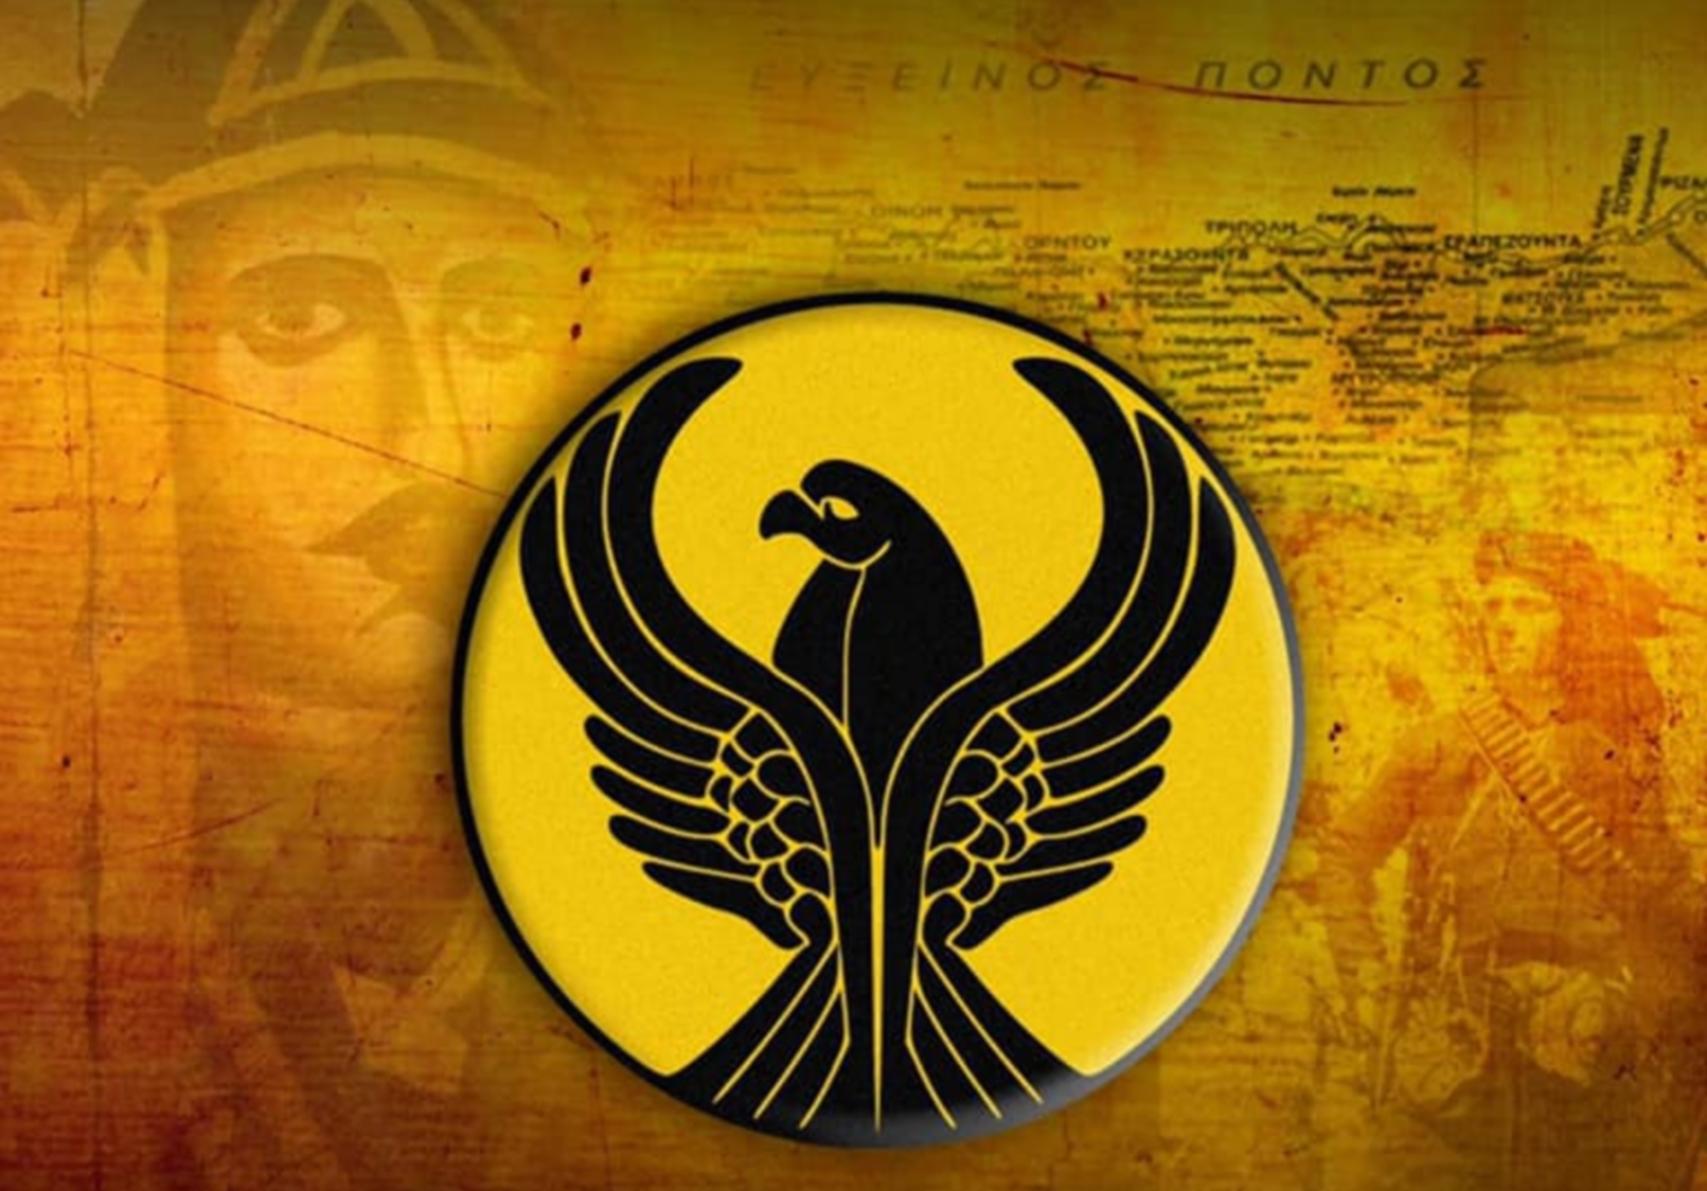 ΠΑΕ ΑΕΚ: «353.000 ψυχές ζητούν δικαίωση» – Δήλωση και από Μελισσανίδη